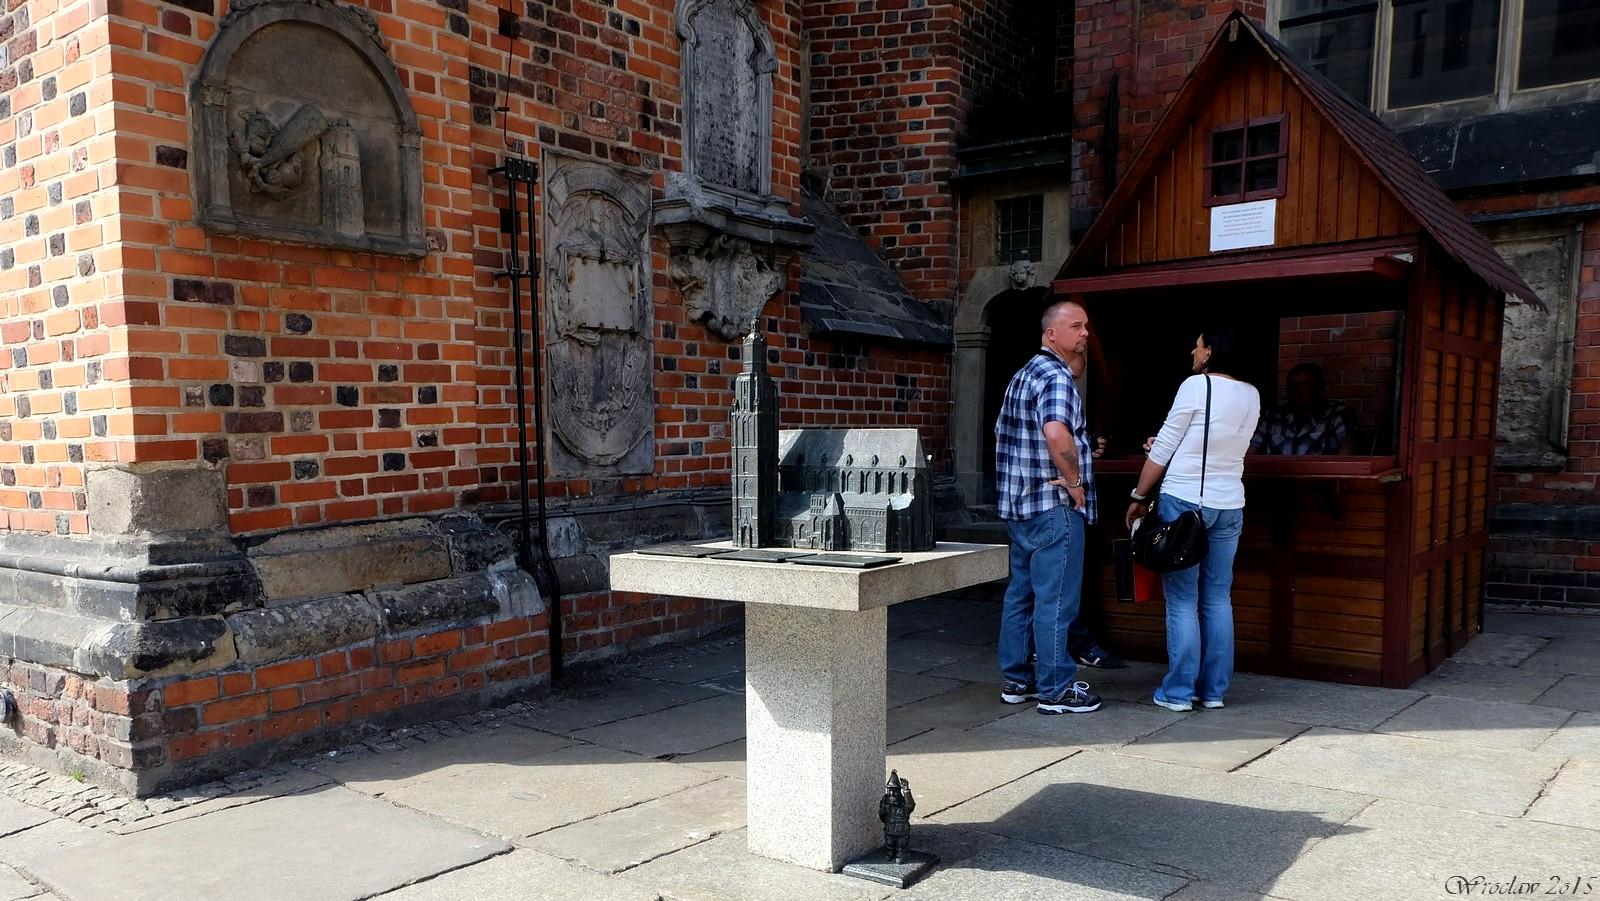 Kościół wojskowo-cywilny pod wezwaniem św. Elżbiety, Wroclaw, Poland